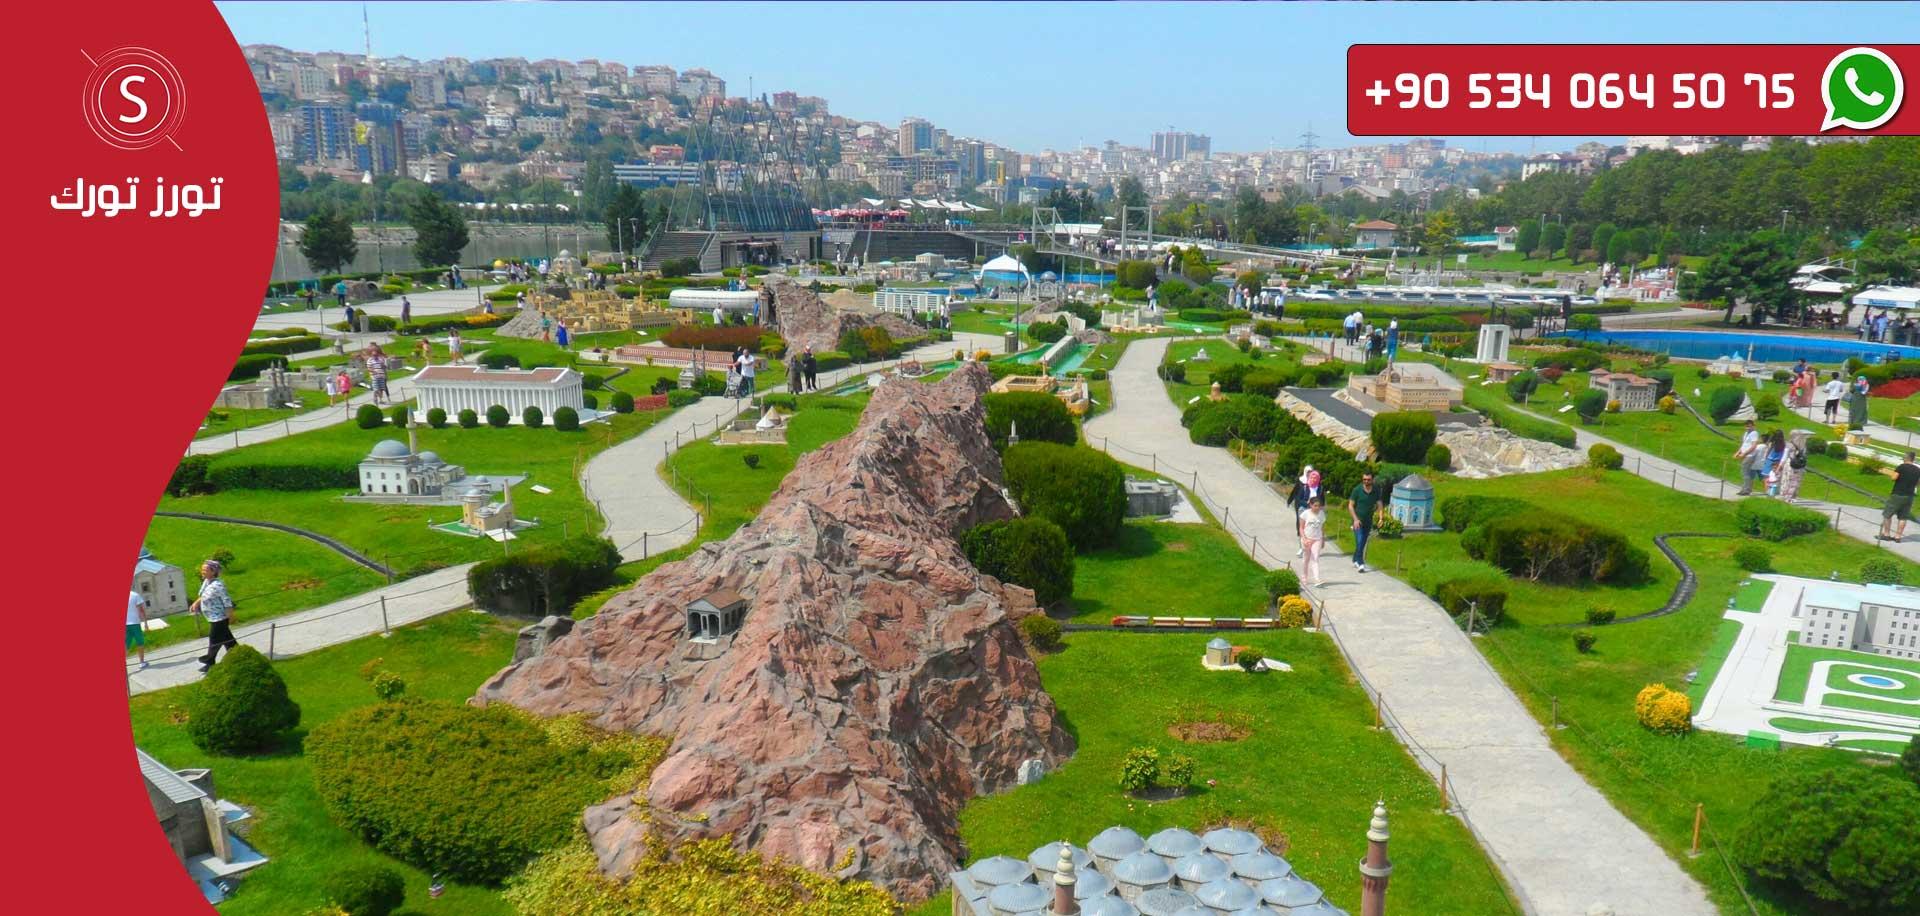 جولات سياحية في اسطنبول مينيا تورك